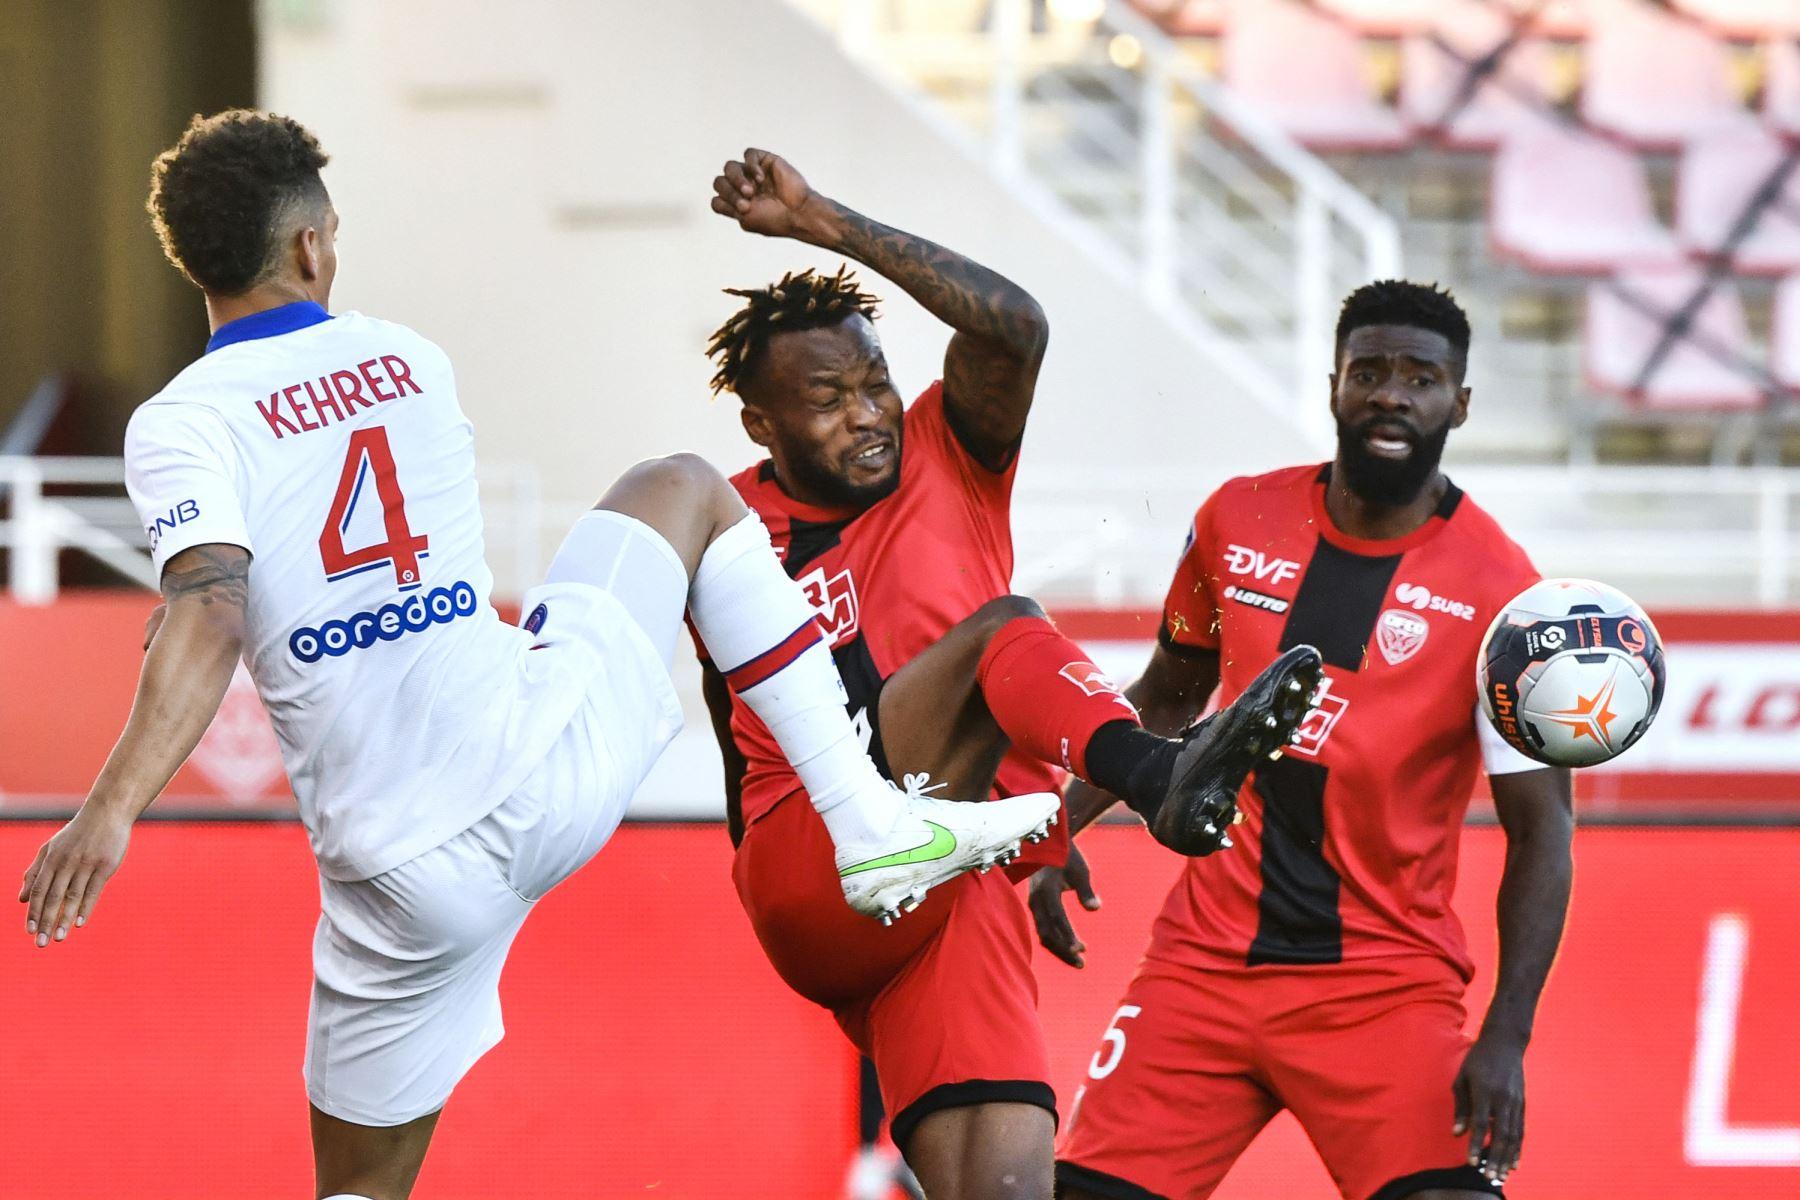 El centrocampista gabonés de Dijon Didier Ndong compite por el balón con el defensor alemán del Paris Saint-Germain Thilo Kehrer durante el partido de fútbol francés L1 entre Dijon (DFCO) y Paris Saint-Germain (PSG). Foto: AFP